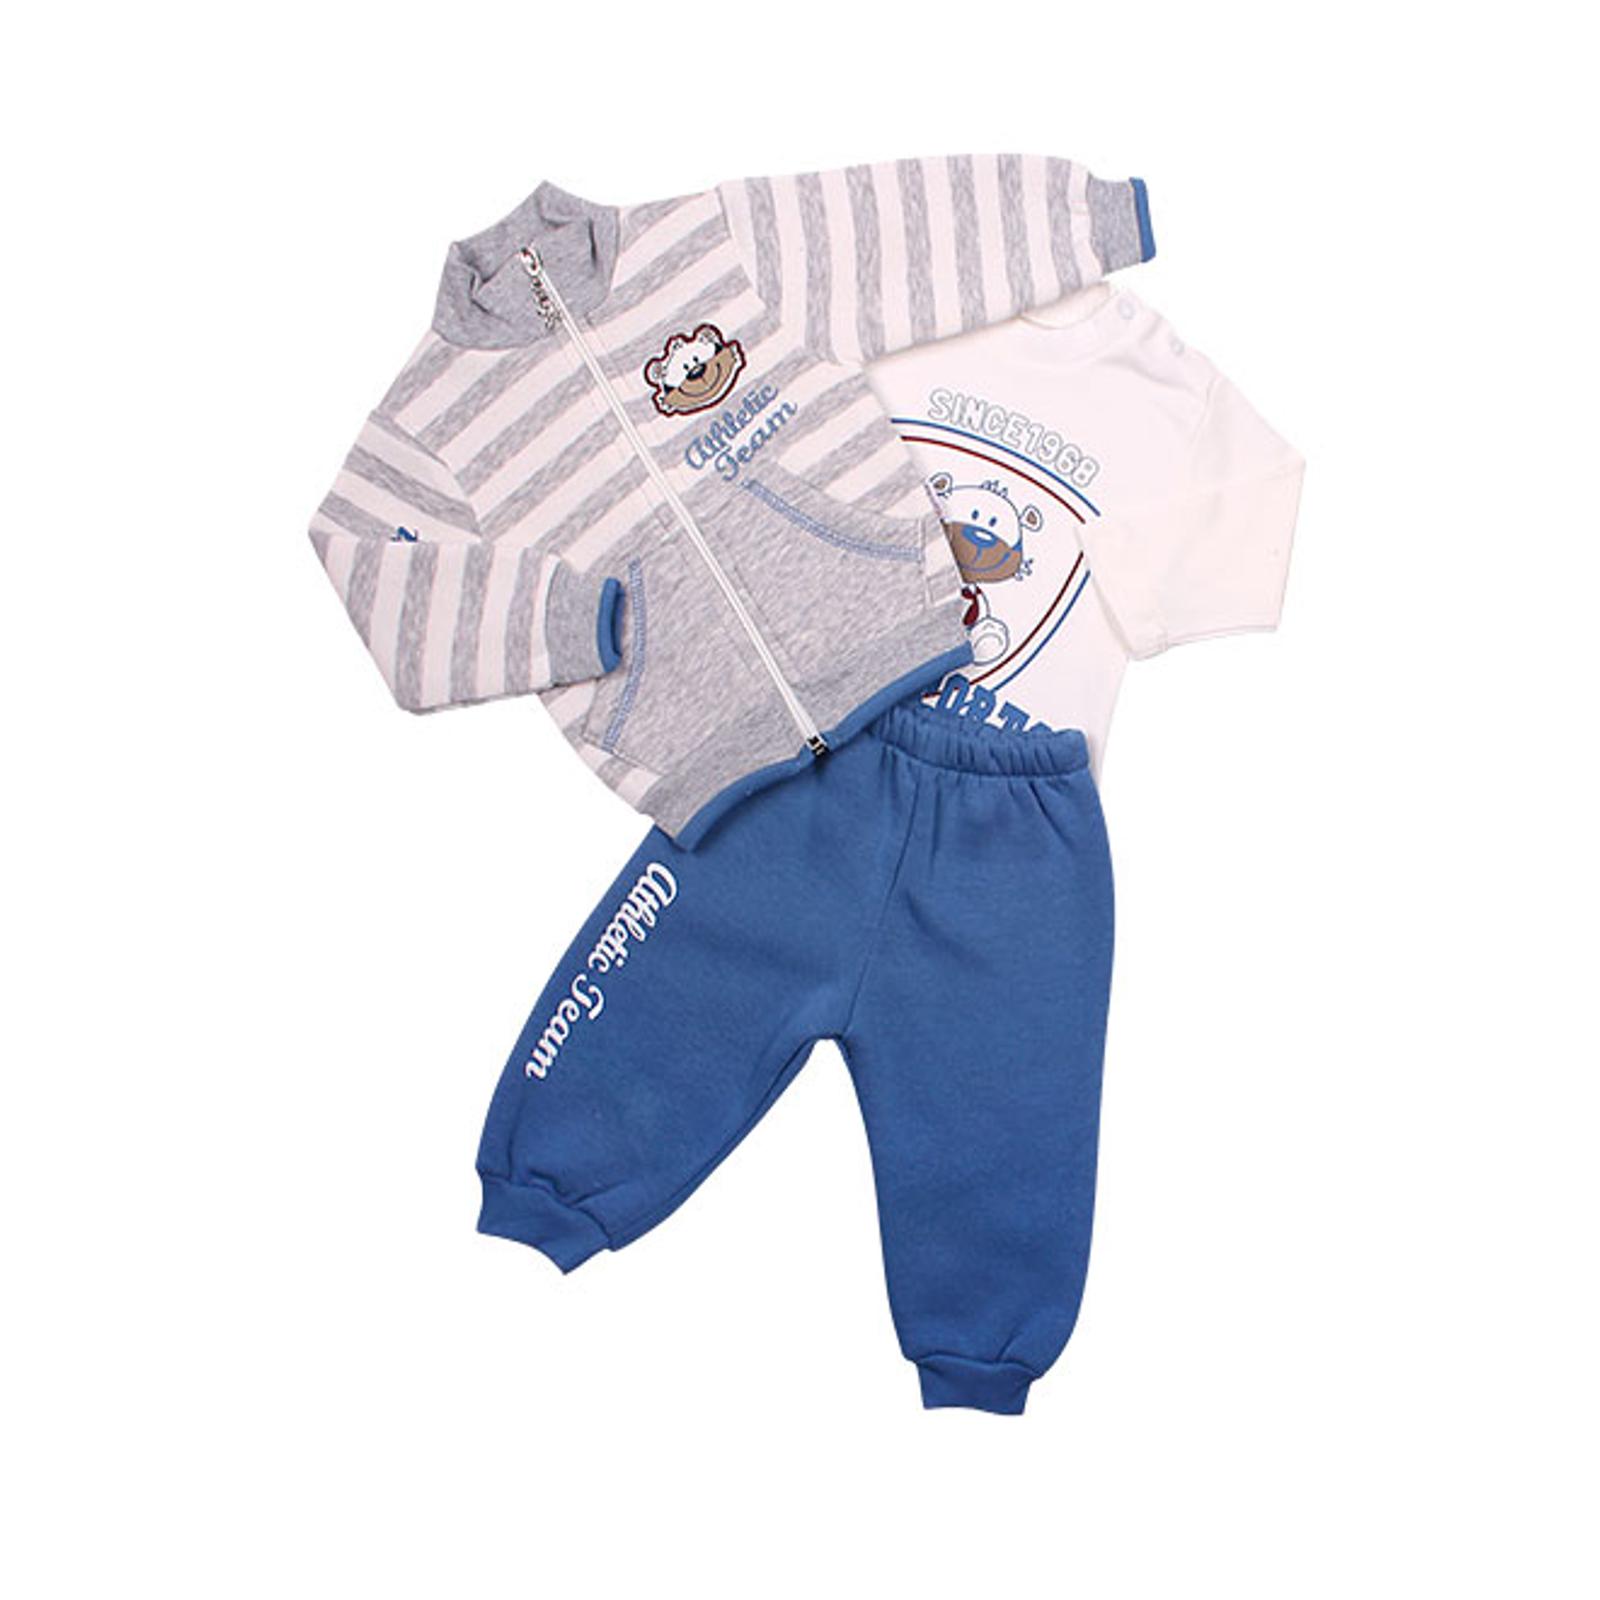 Комплект одежды Estella для мальчика, брюки, толстовка, кофта, цвет - Индиго Размер 68